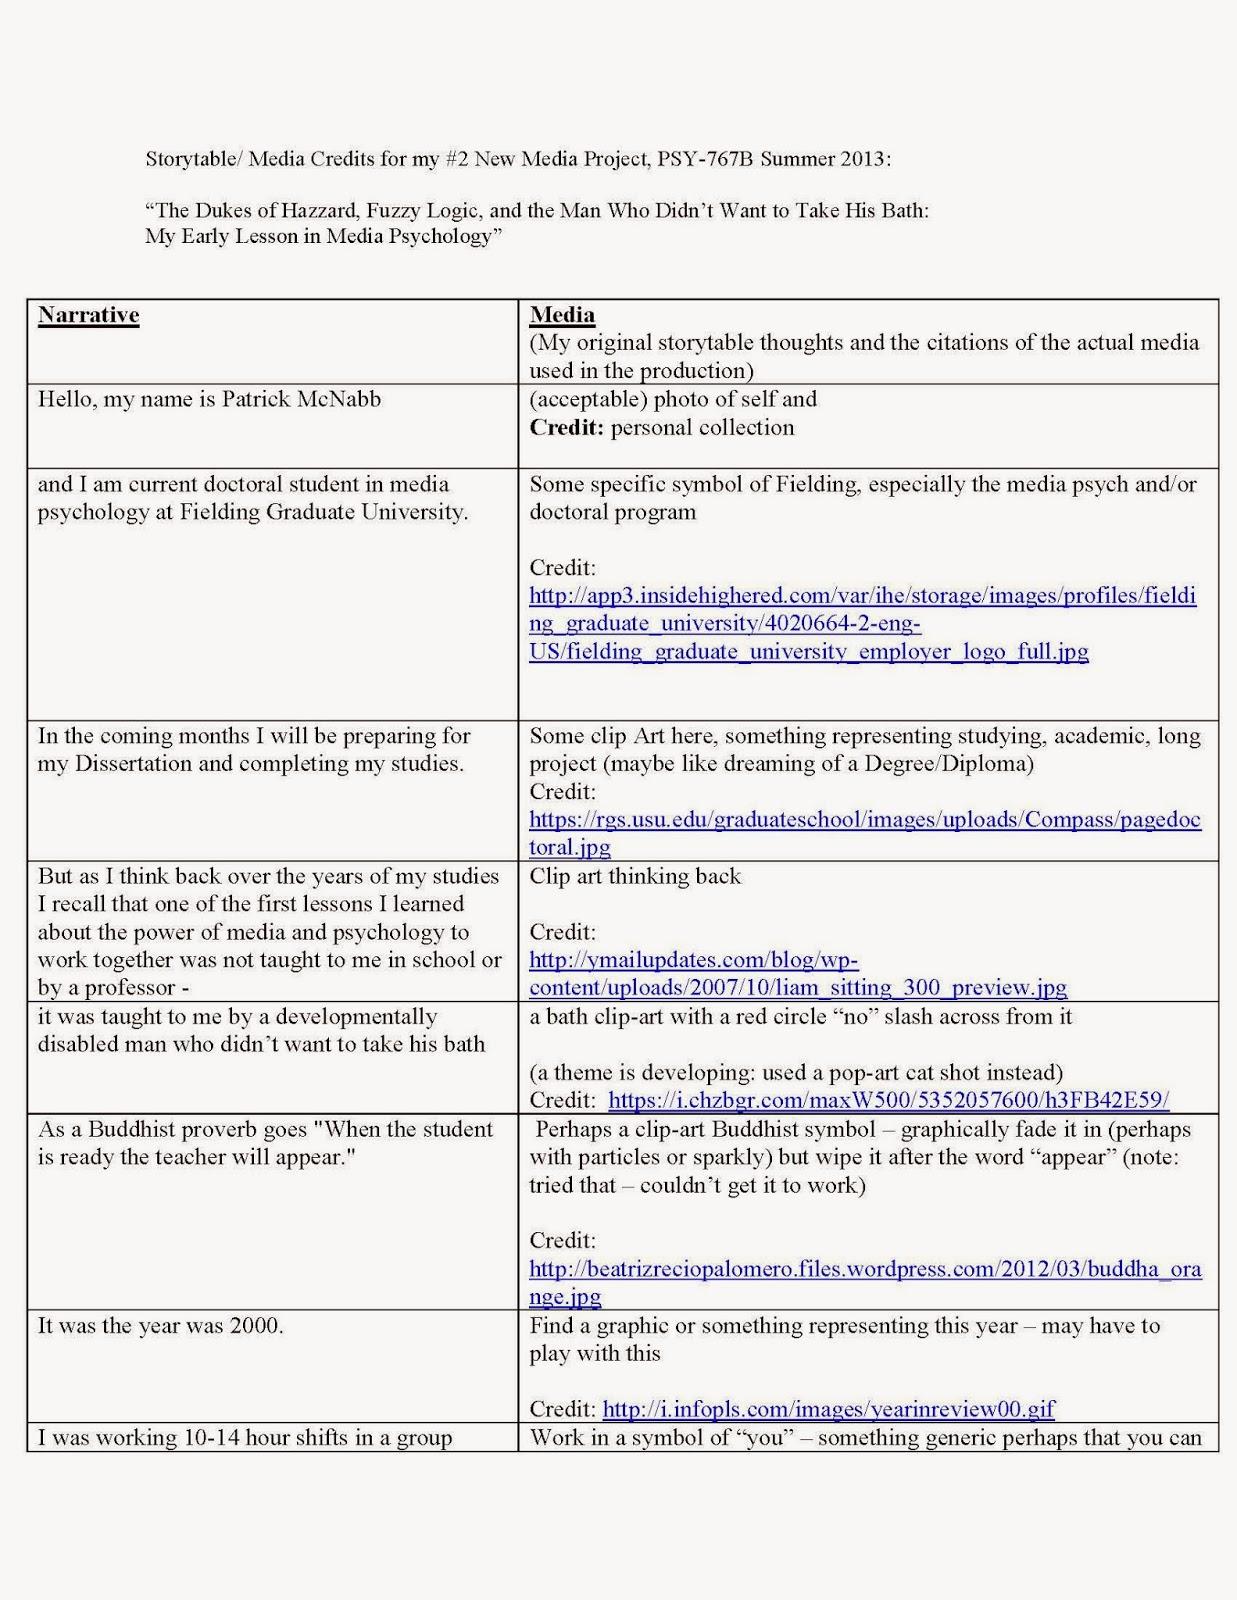 Patrick McNabb PSY-767B Summer 2013 Media Assignment Posting Blog